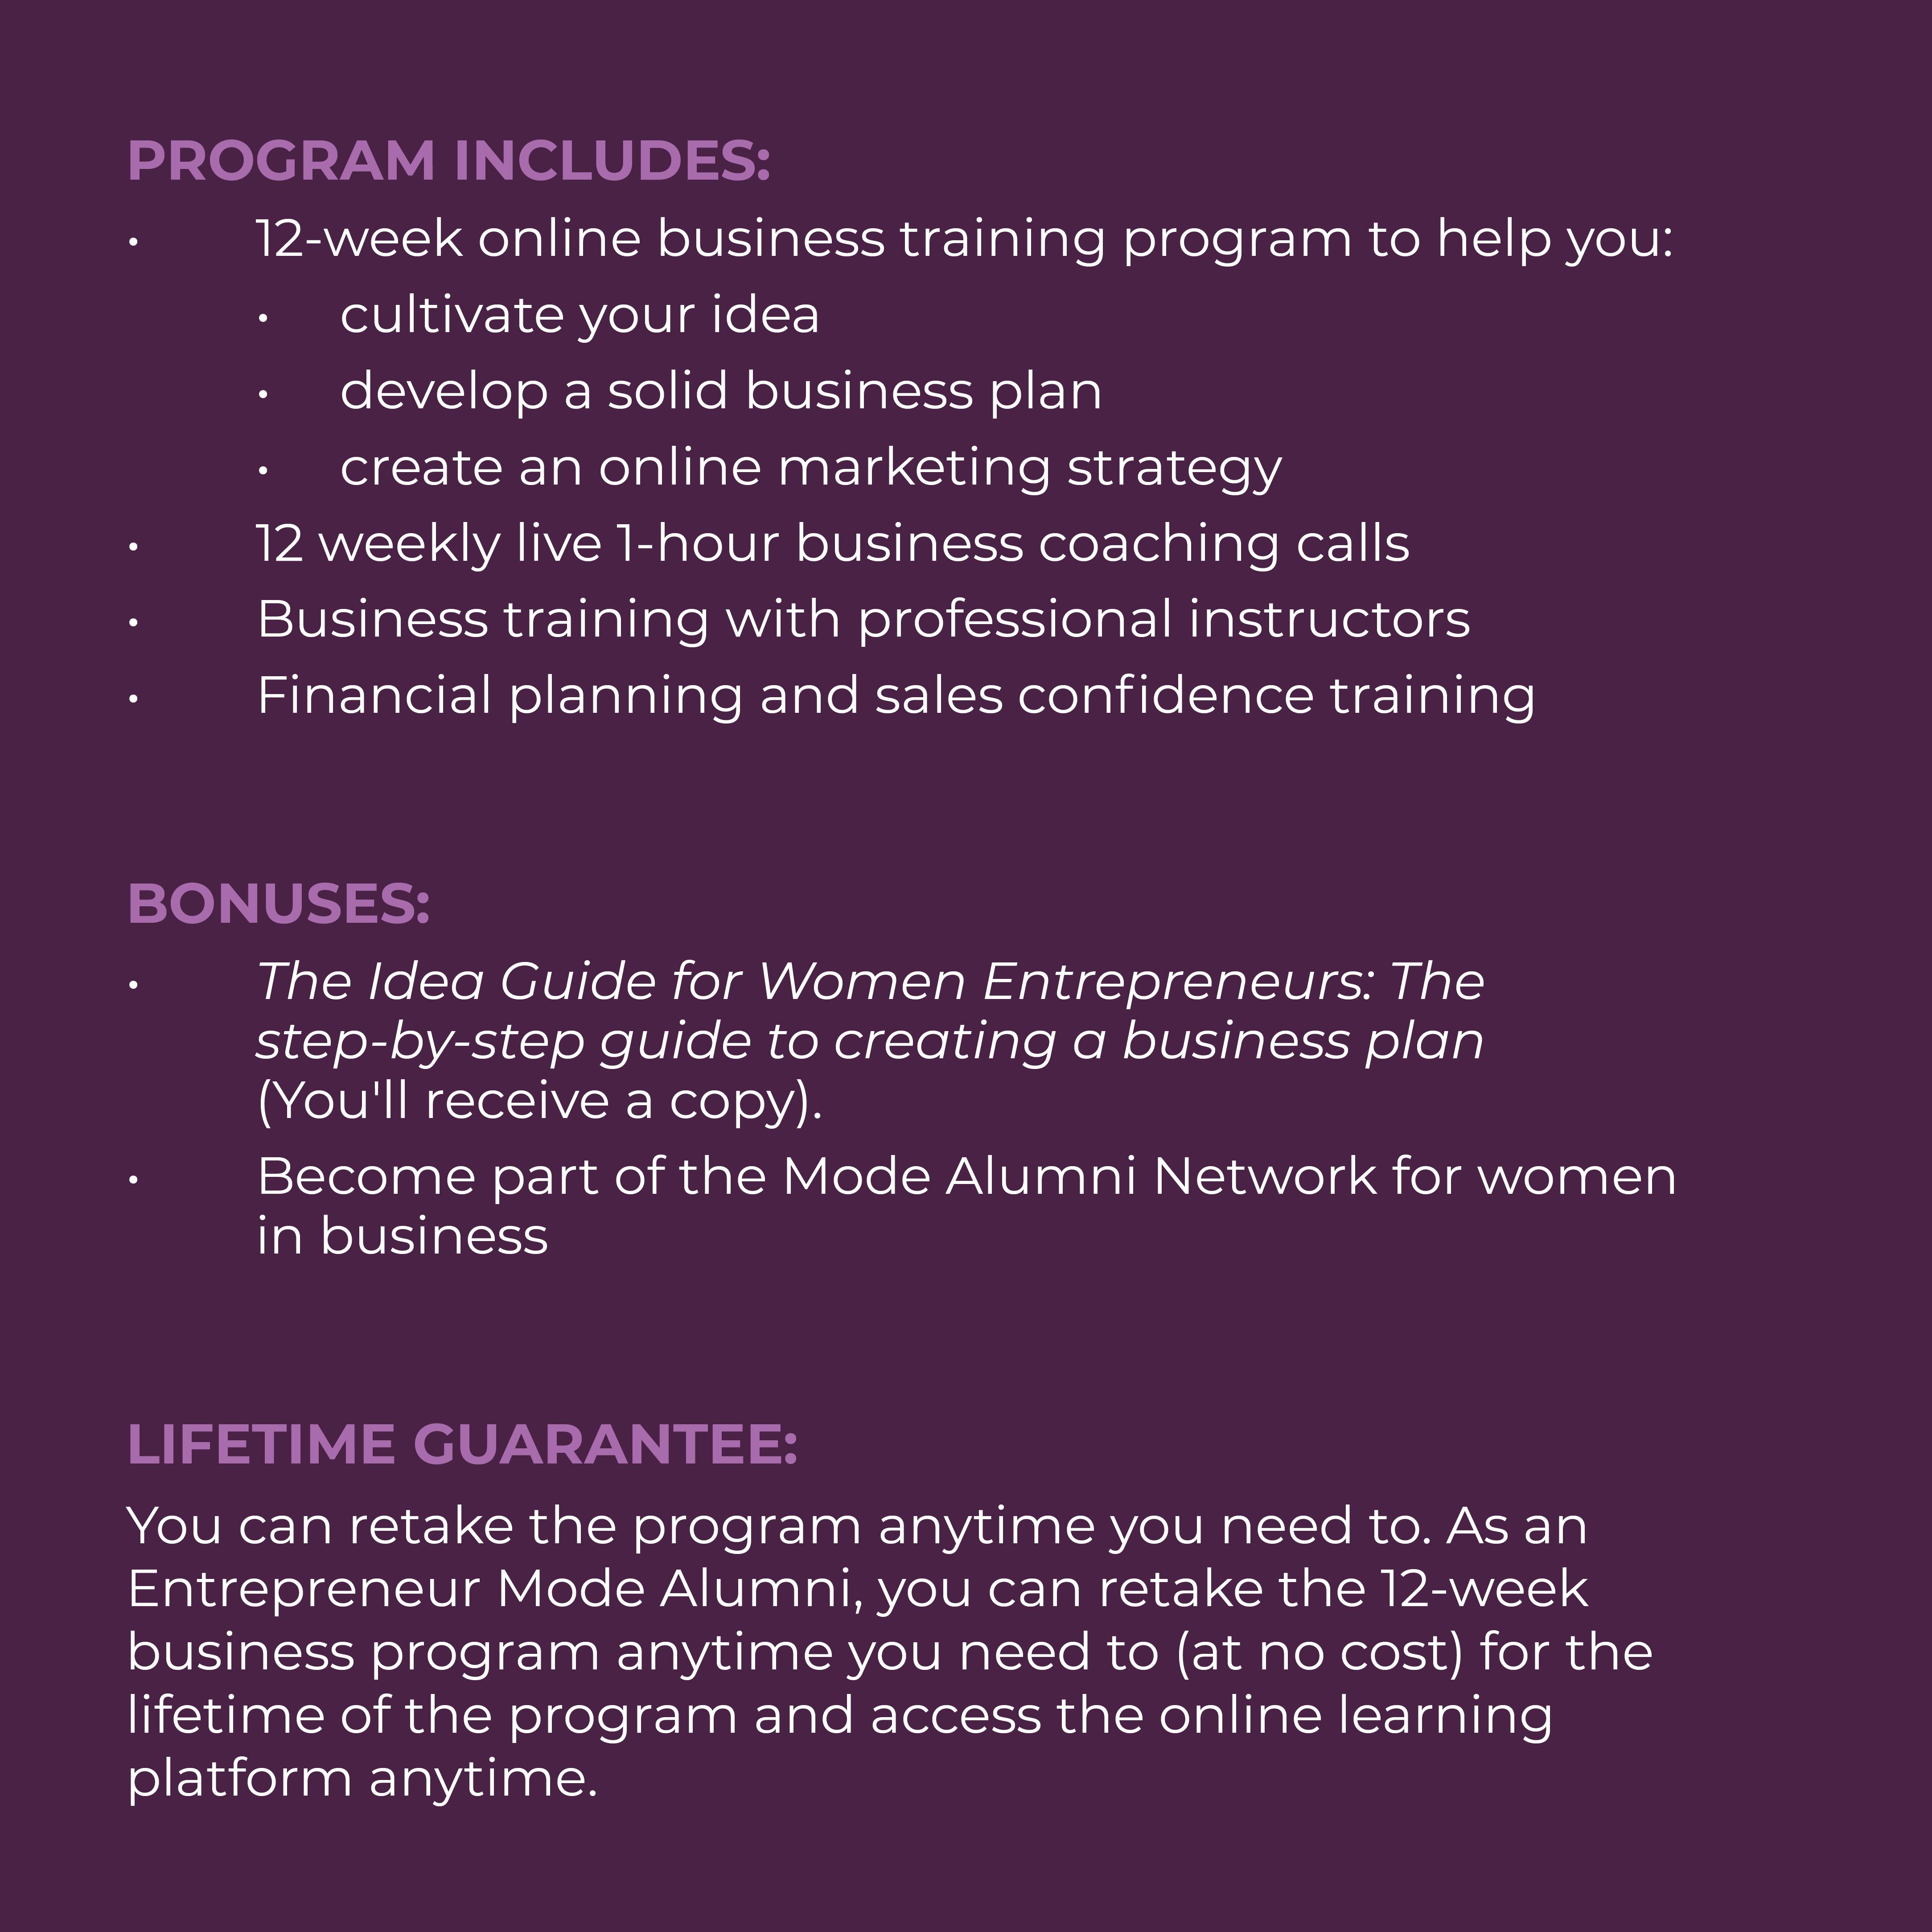 Program details for the Entrepreneur Mode